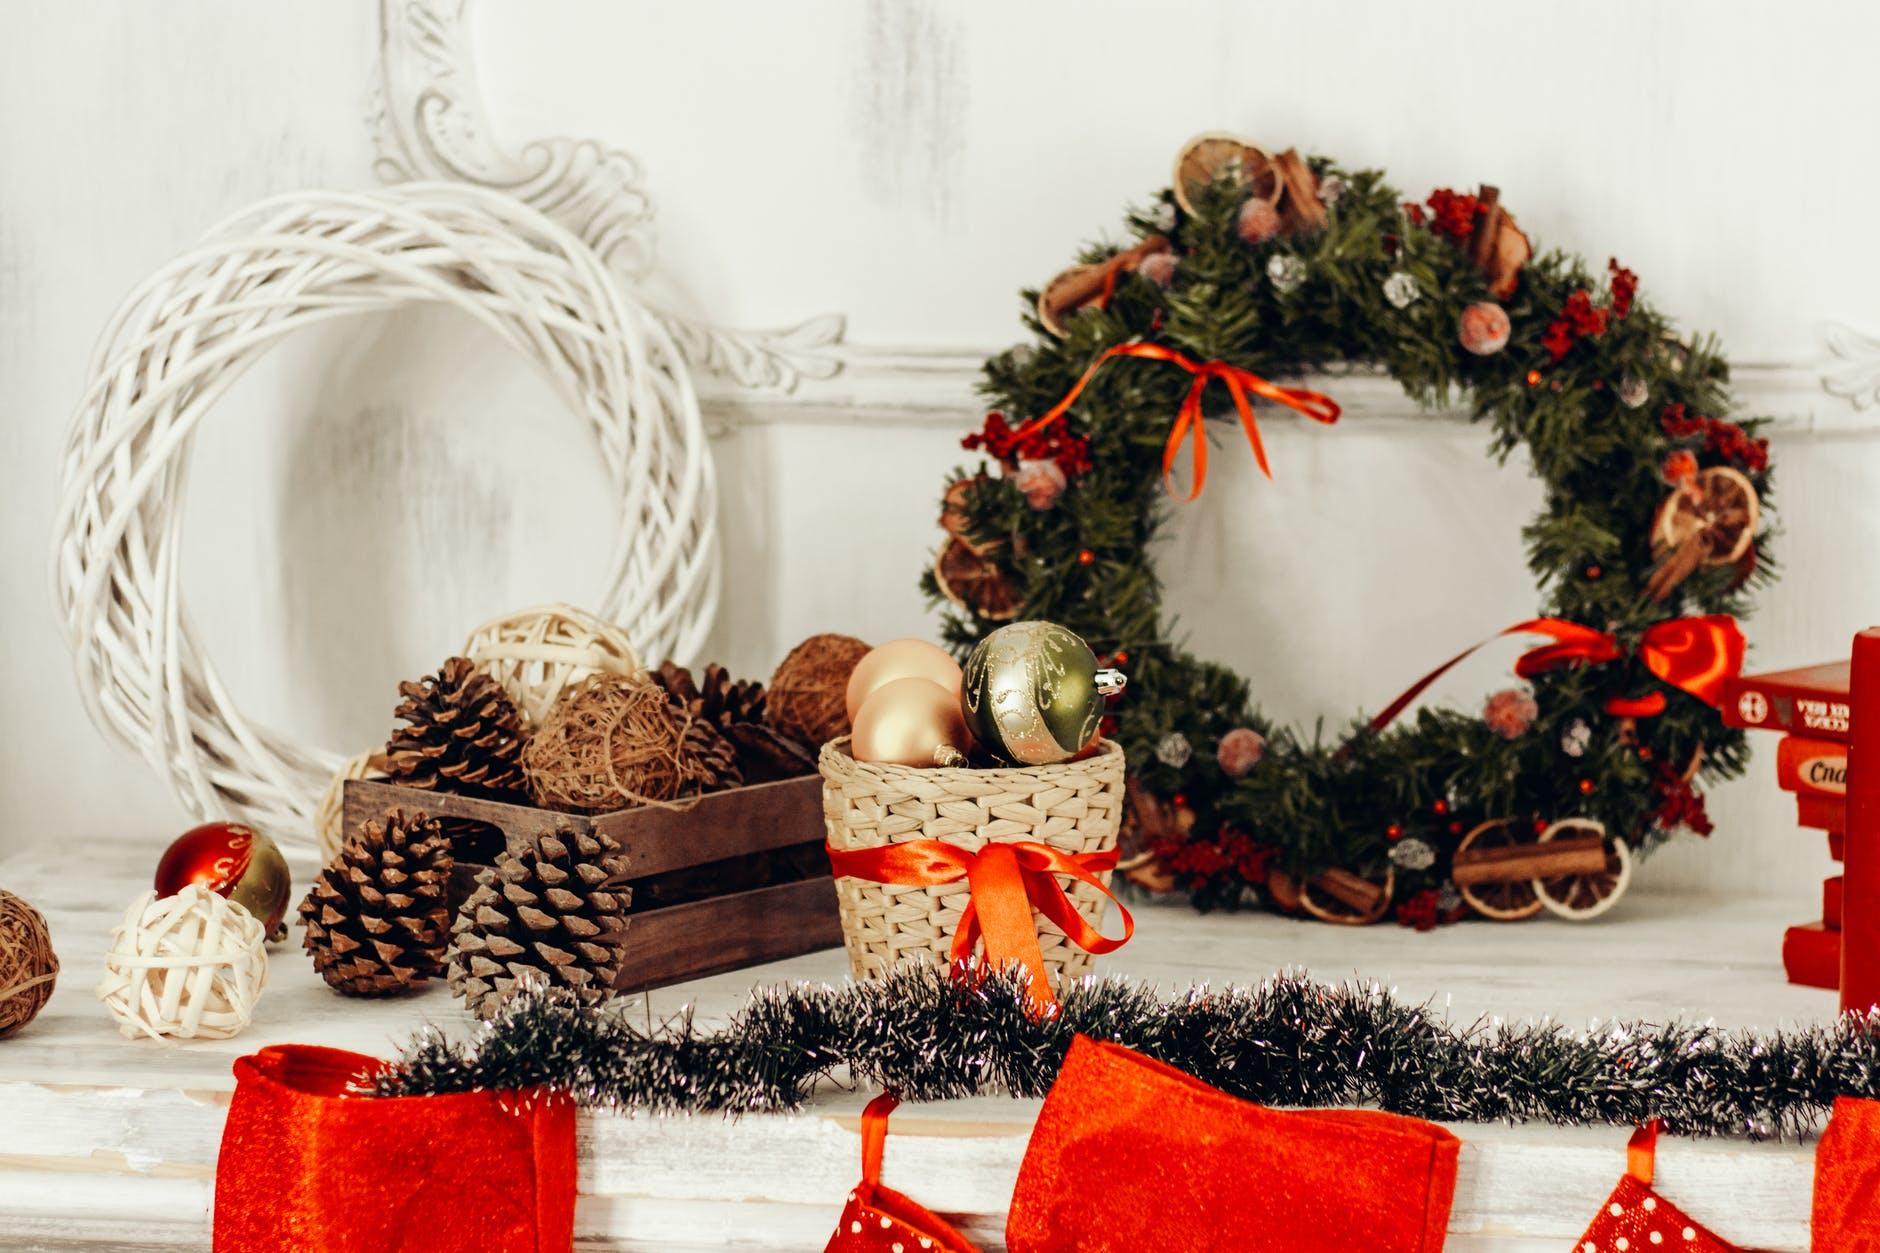 Decorazioni di Natale per la cameretta dei bambini